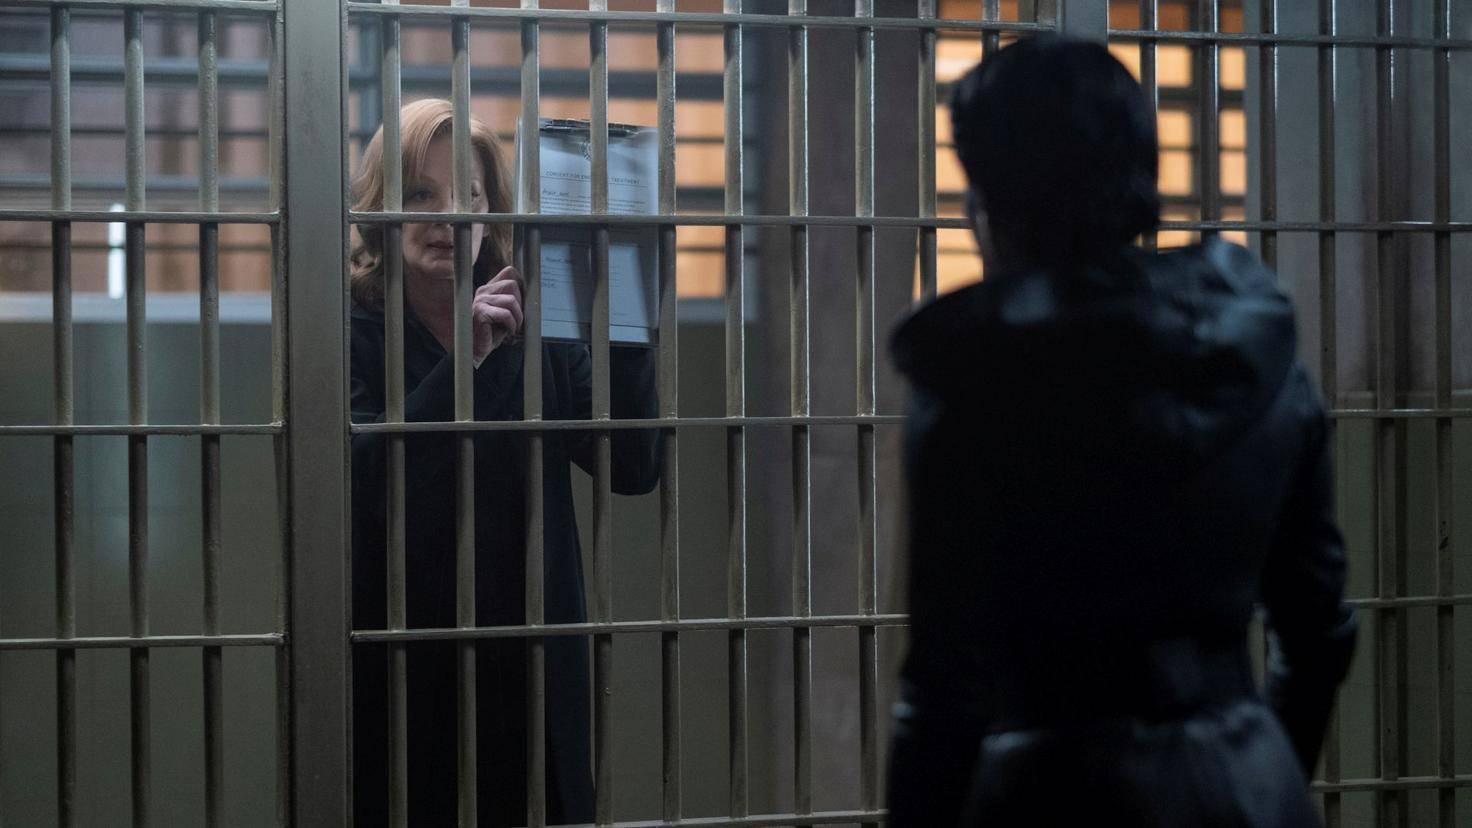 Watchmen-Laurie-Angela-Zelle